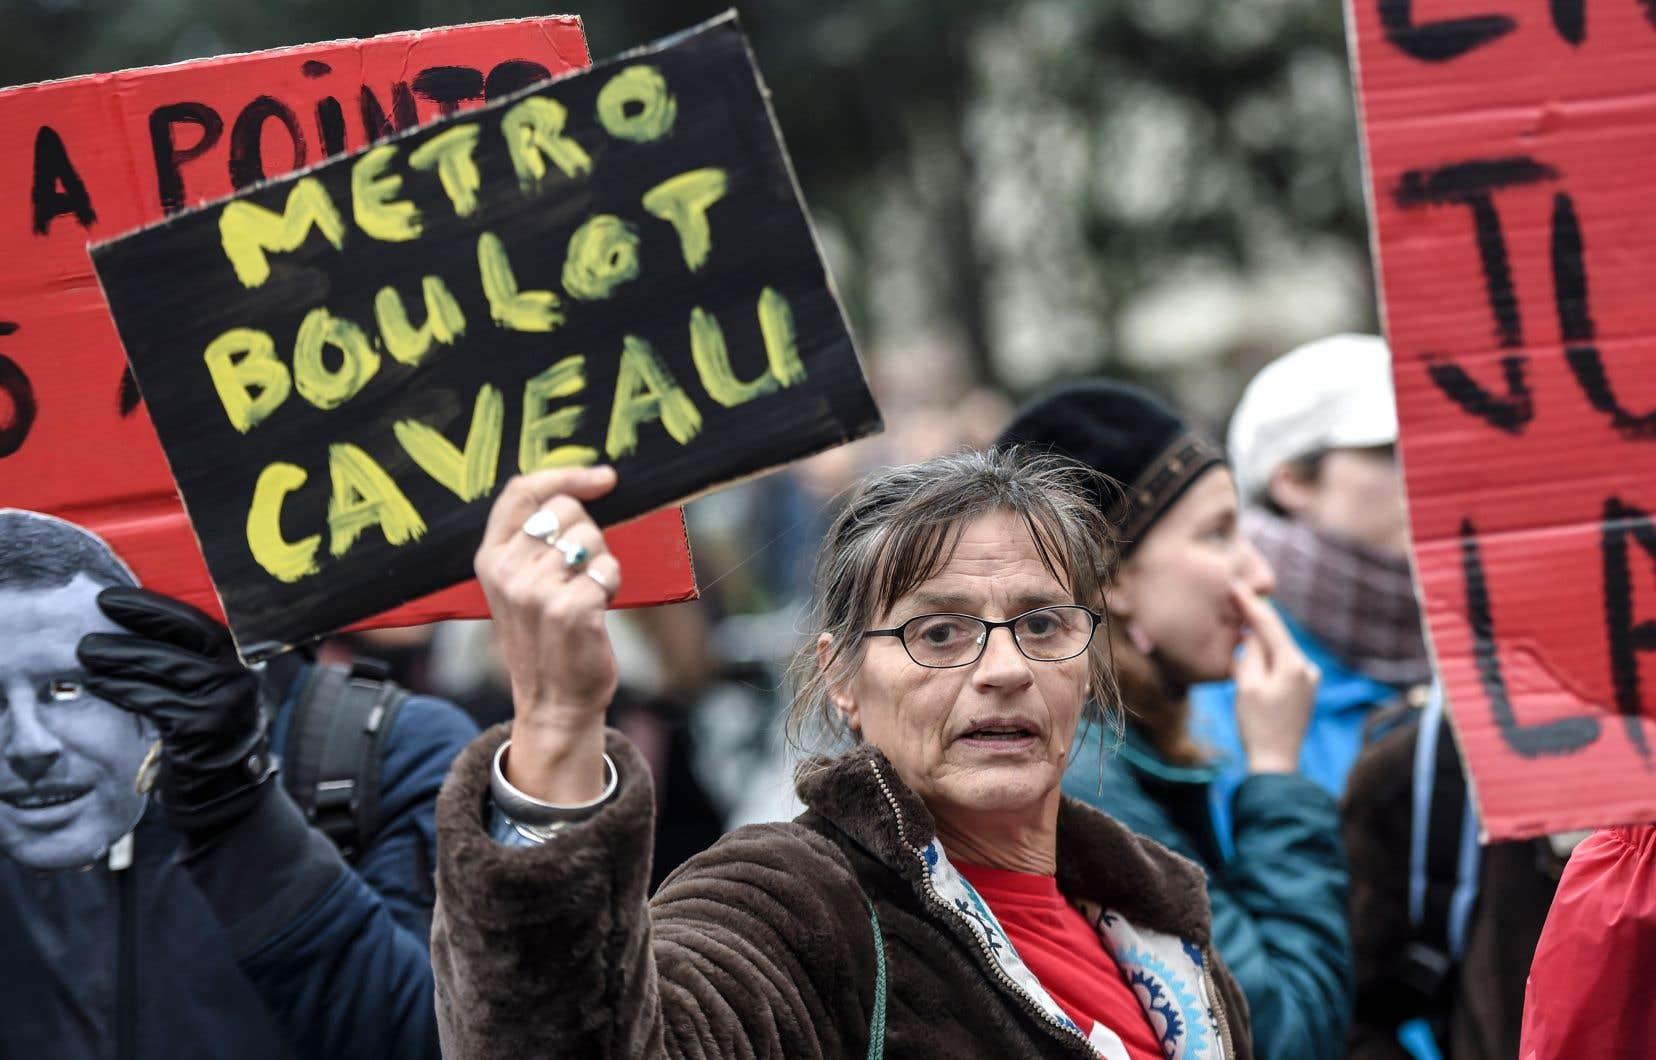 Une manifestante affichait sa colère contre la réforme des retraites, jeudi, à Nantes. Les syndicats affirment que les marches organisées à travers la France ont rassemblé quelque 800000 personnes.